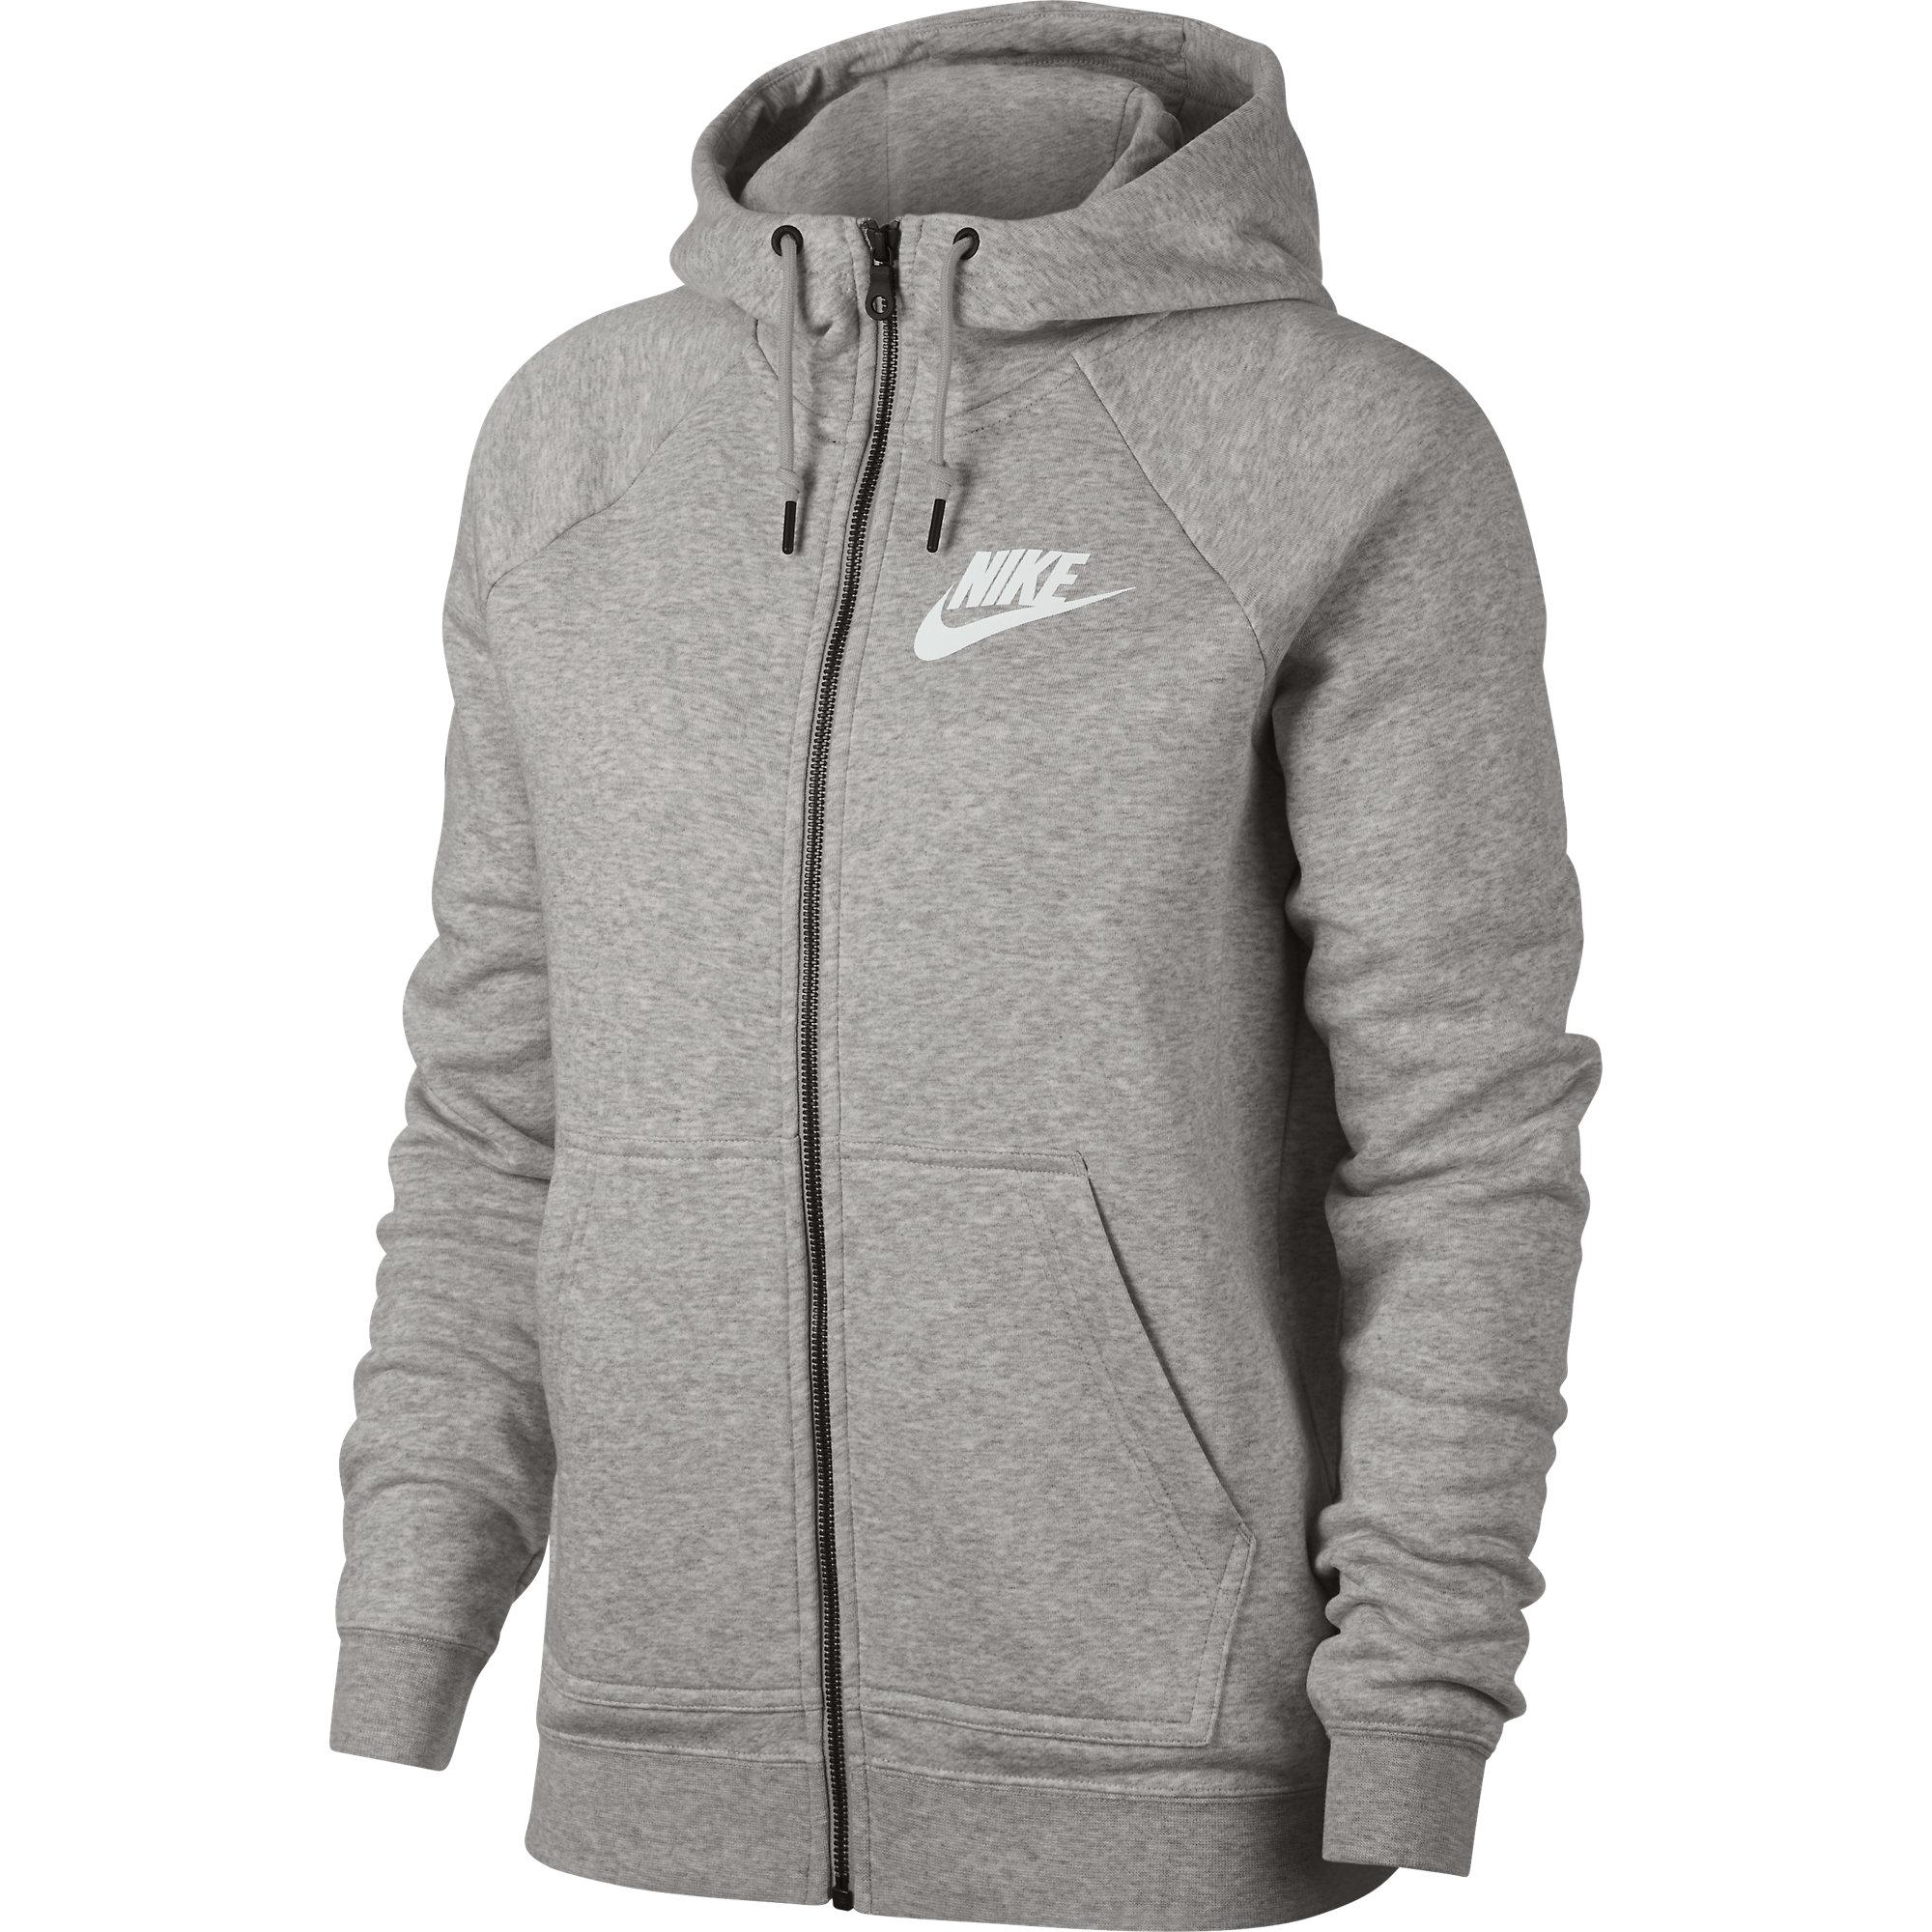 e72ff31811e2 Толстовки от Nike (930909-050) - продажа, цена, фото, описание